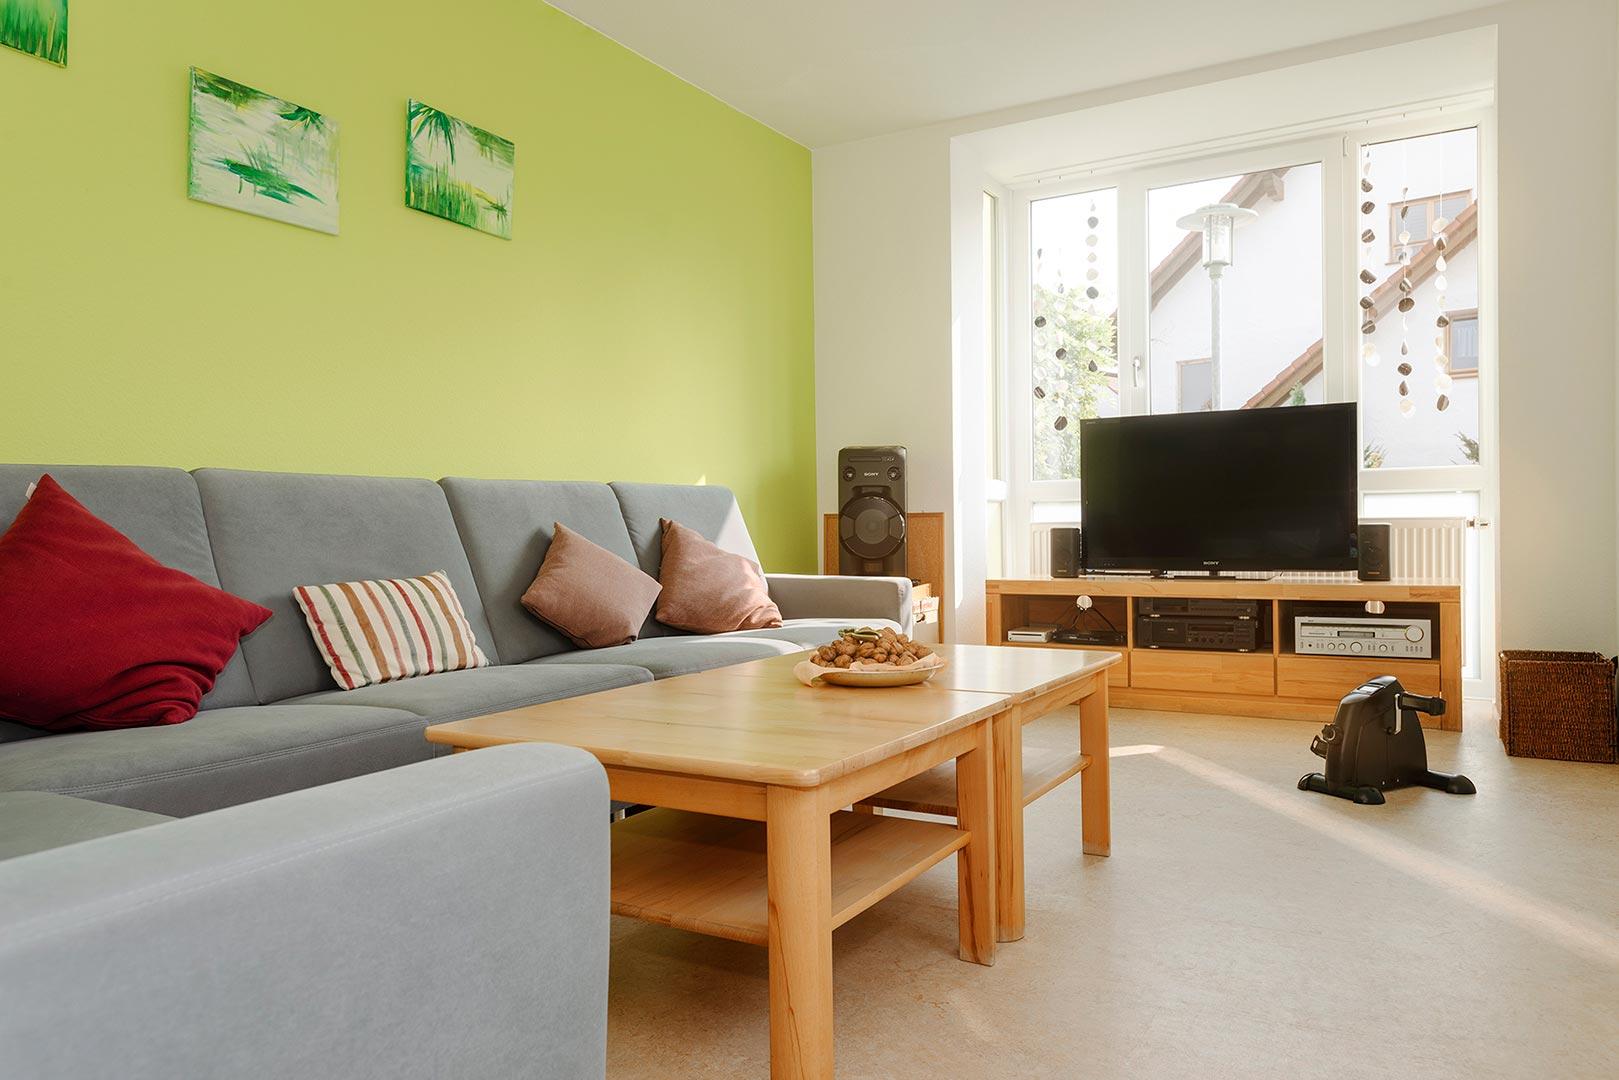 LHWS – Gemeinschaftliches Wohnen, Savignystraße